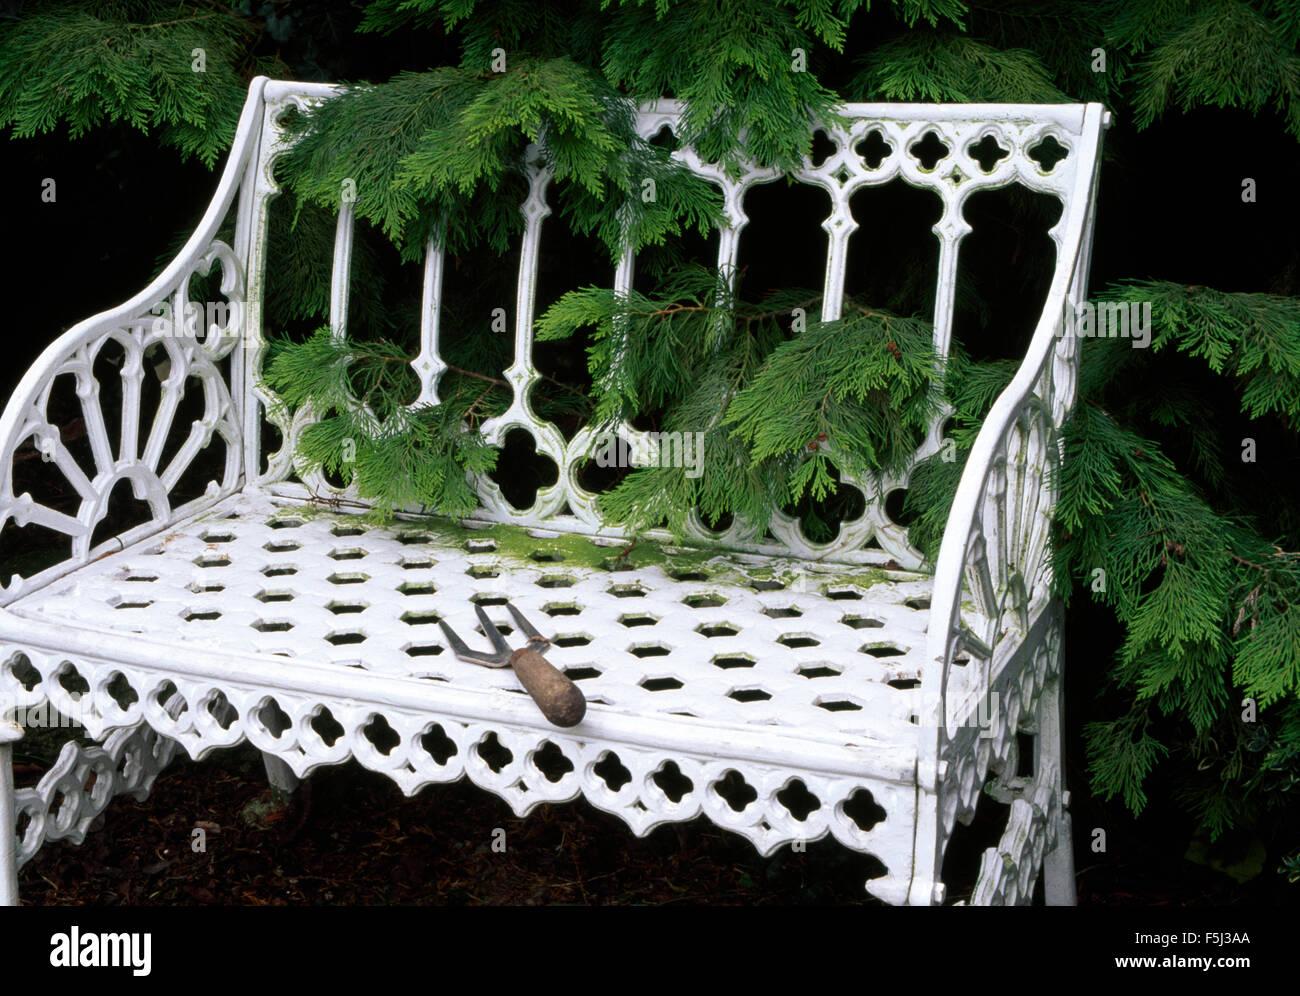 Petit Jardin Fourche Sur Un Banc De Jardin En Fer Forgé Blanc En